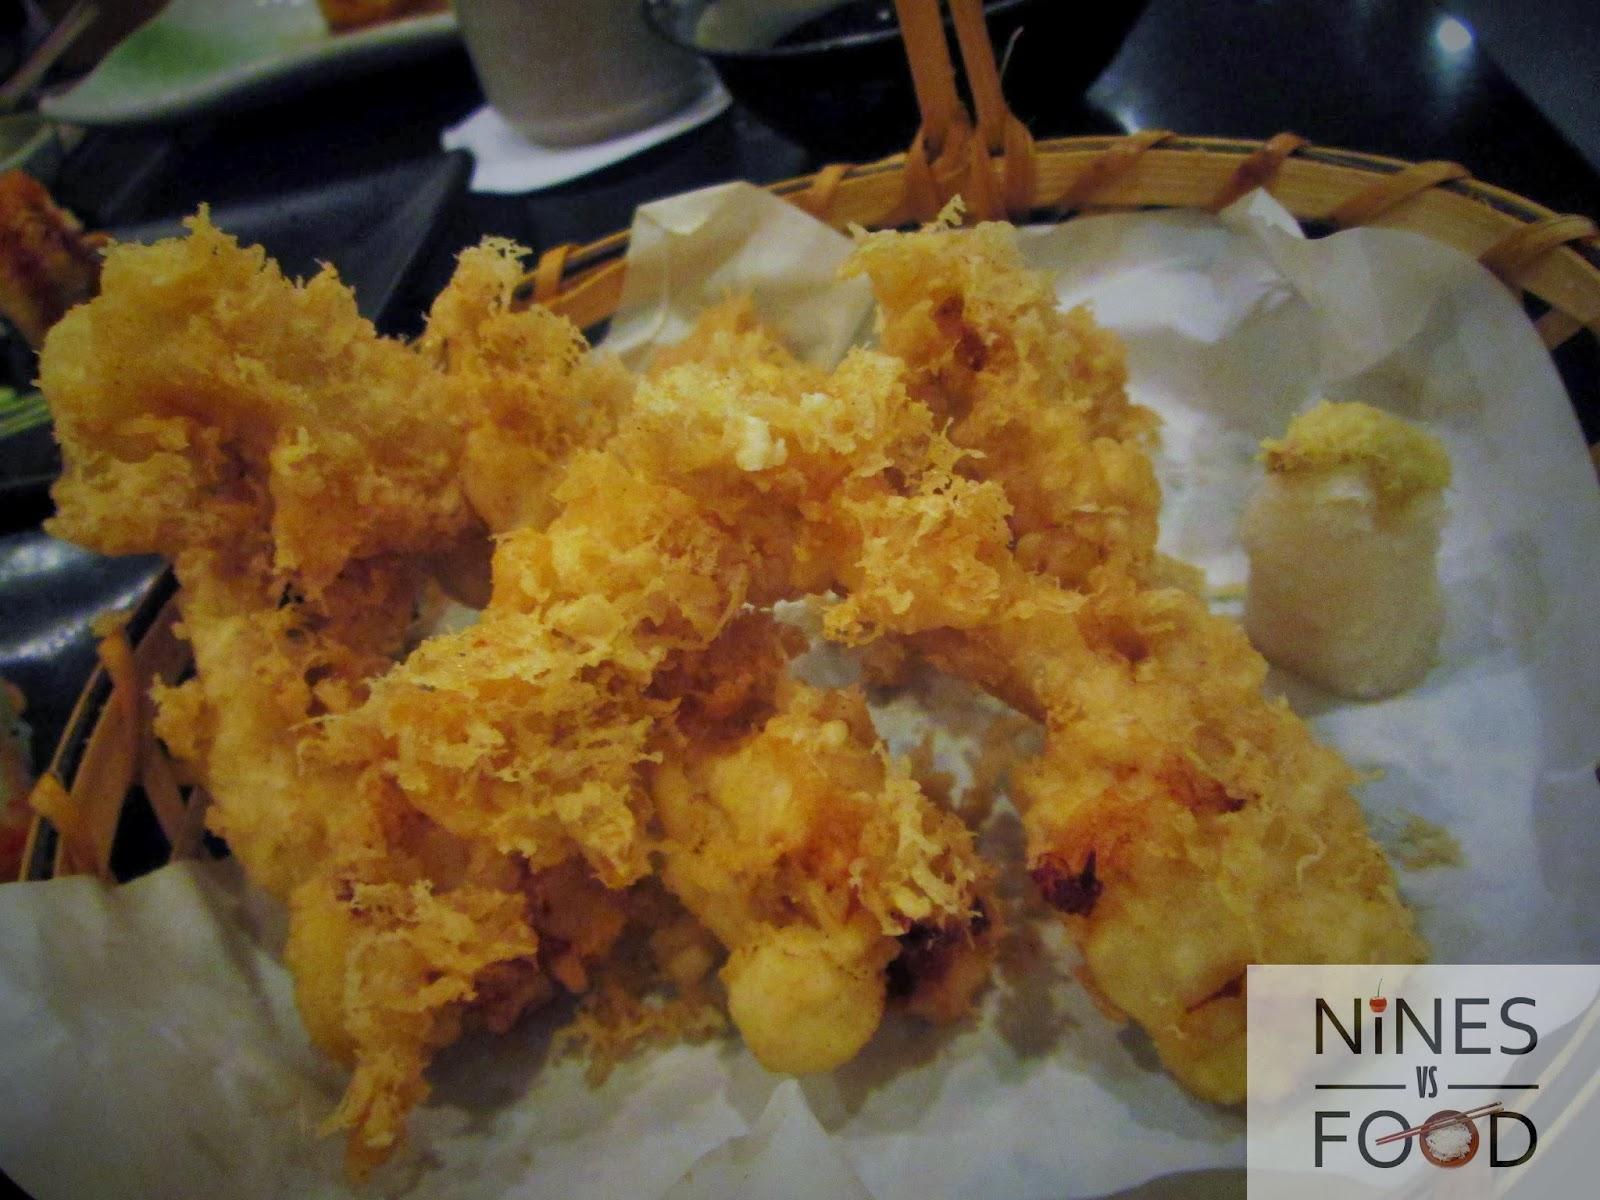 Nines vs. Food - Ogetsu Hime SM Aura Taguig-16.jpg